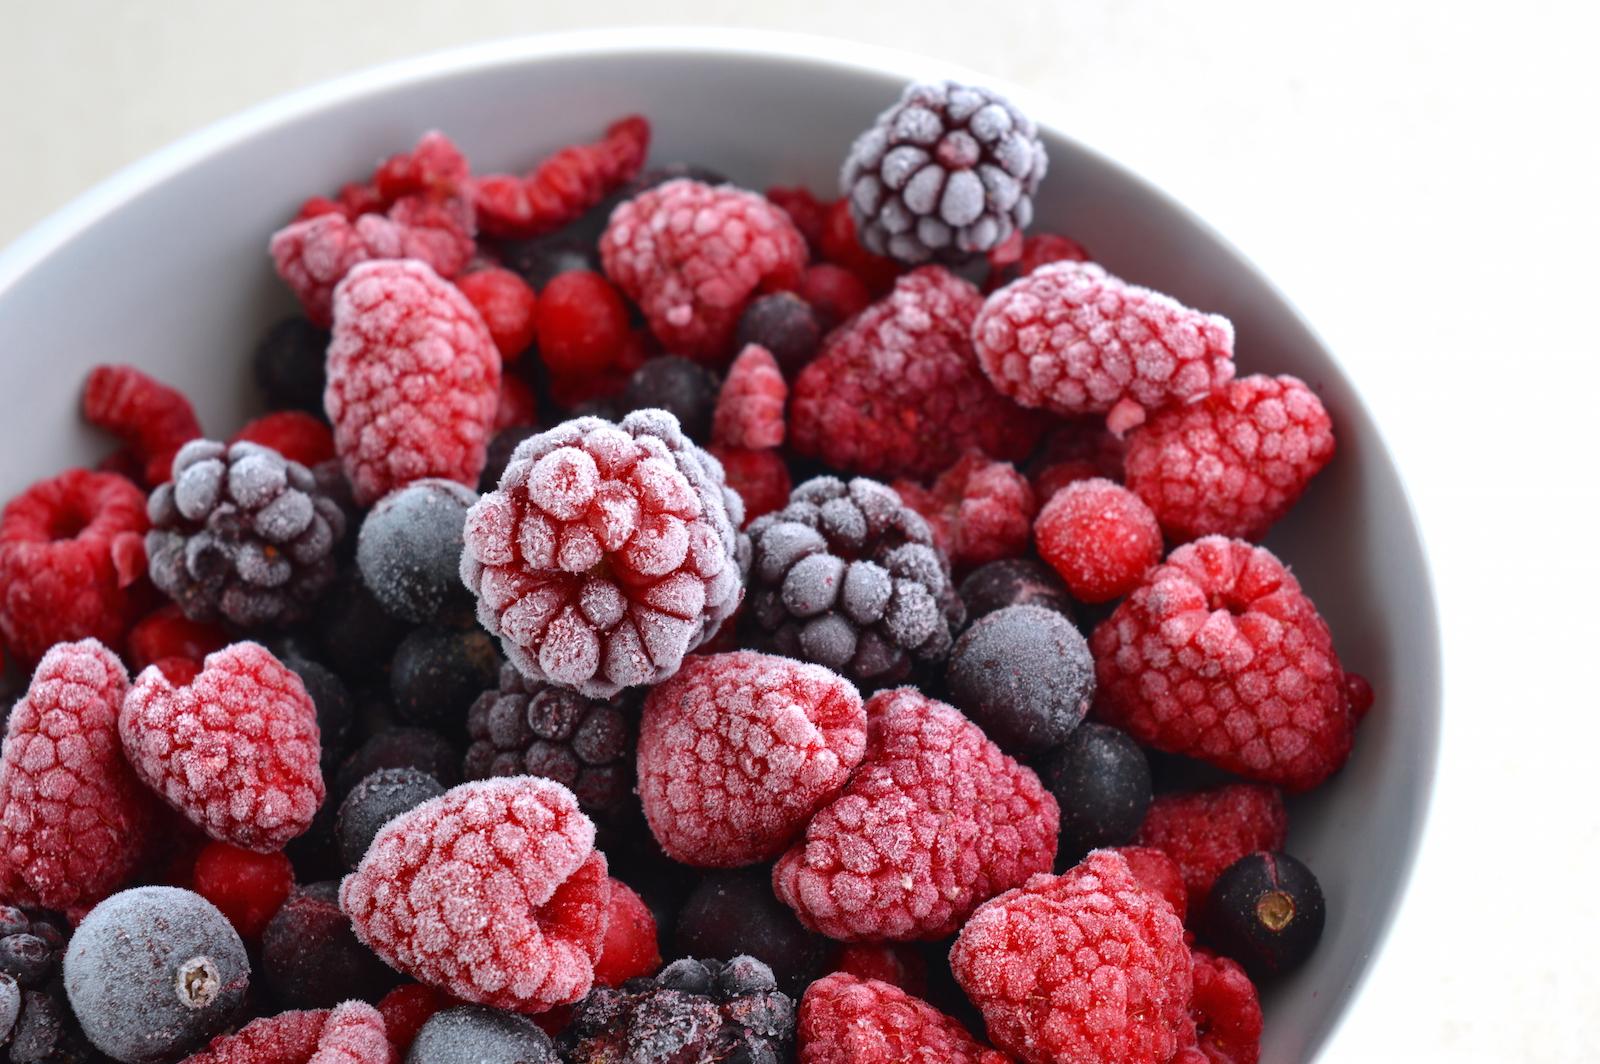 Frozen Fruit Market Report, 2018-2025